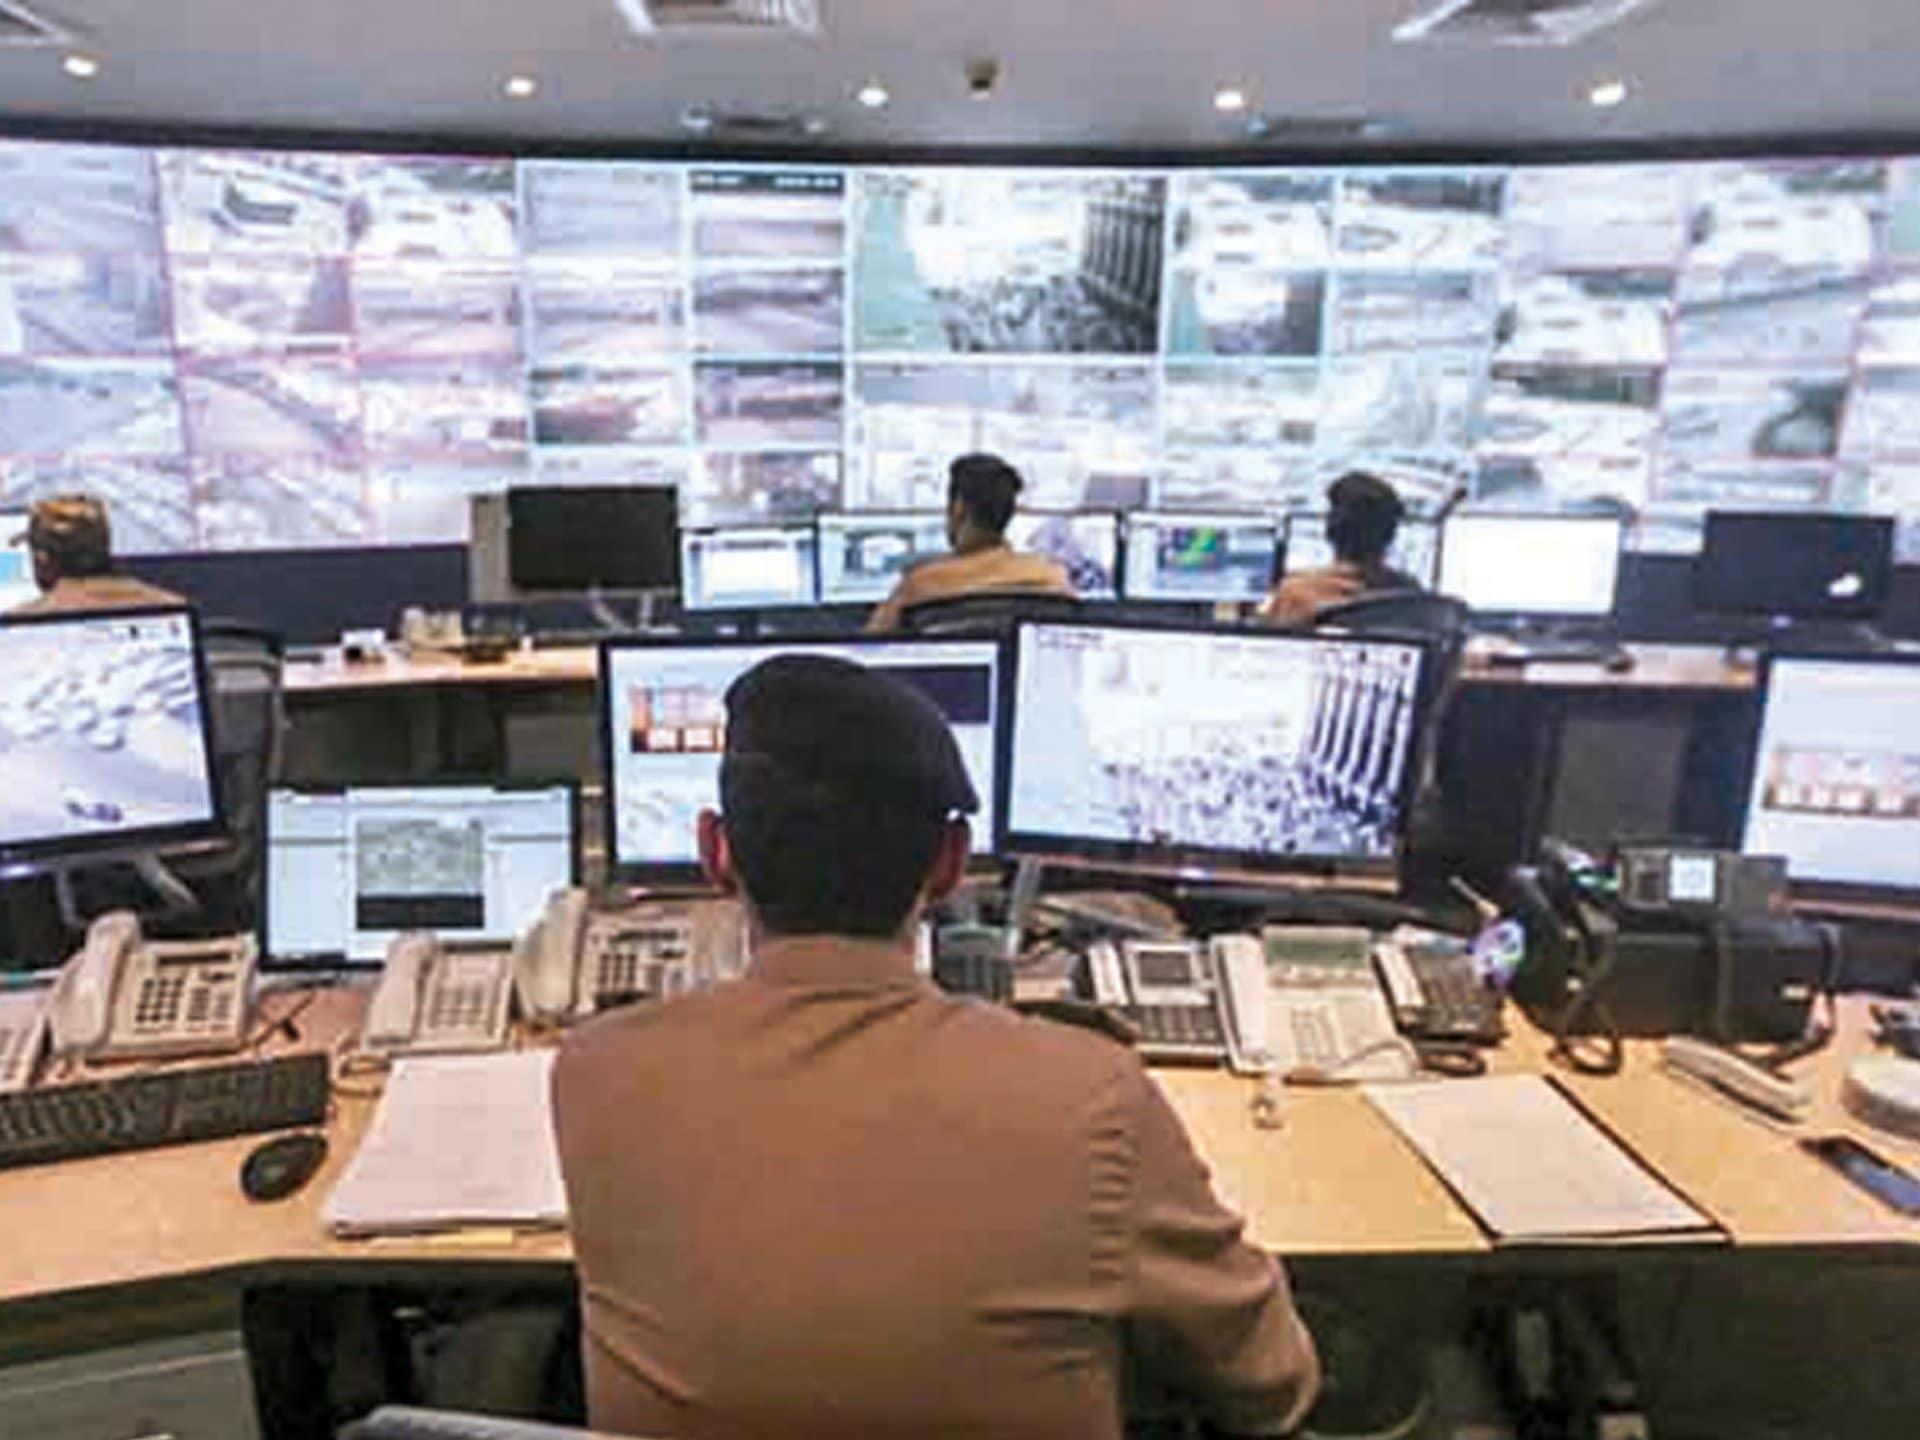 سعودي يكتشف كاميرا مراقبة في غرفته بأحد فنادق دبي